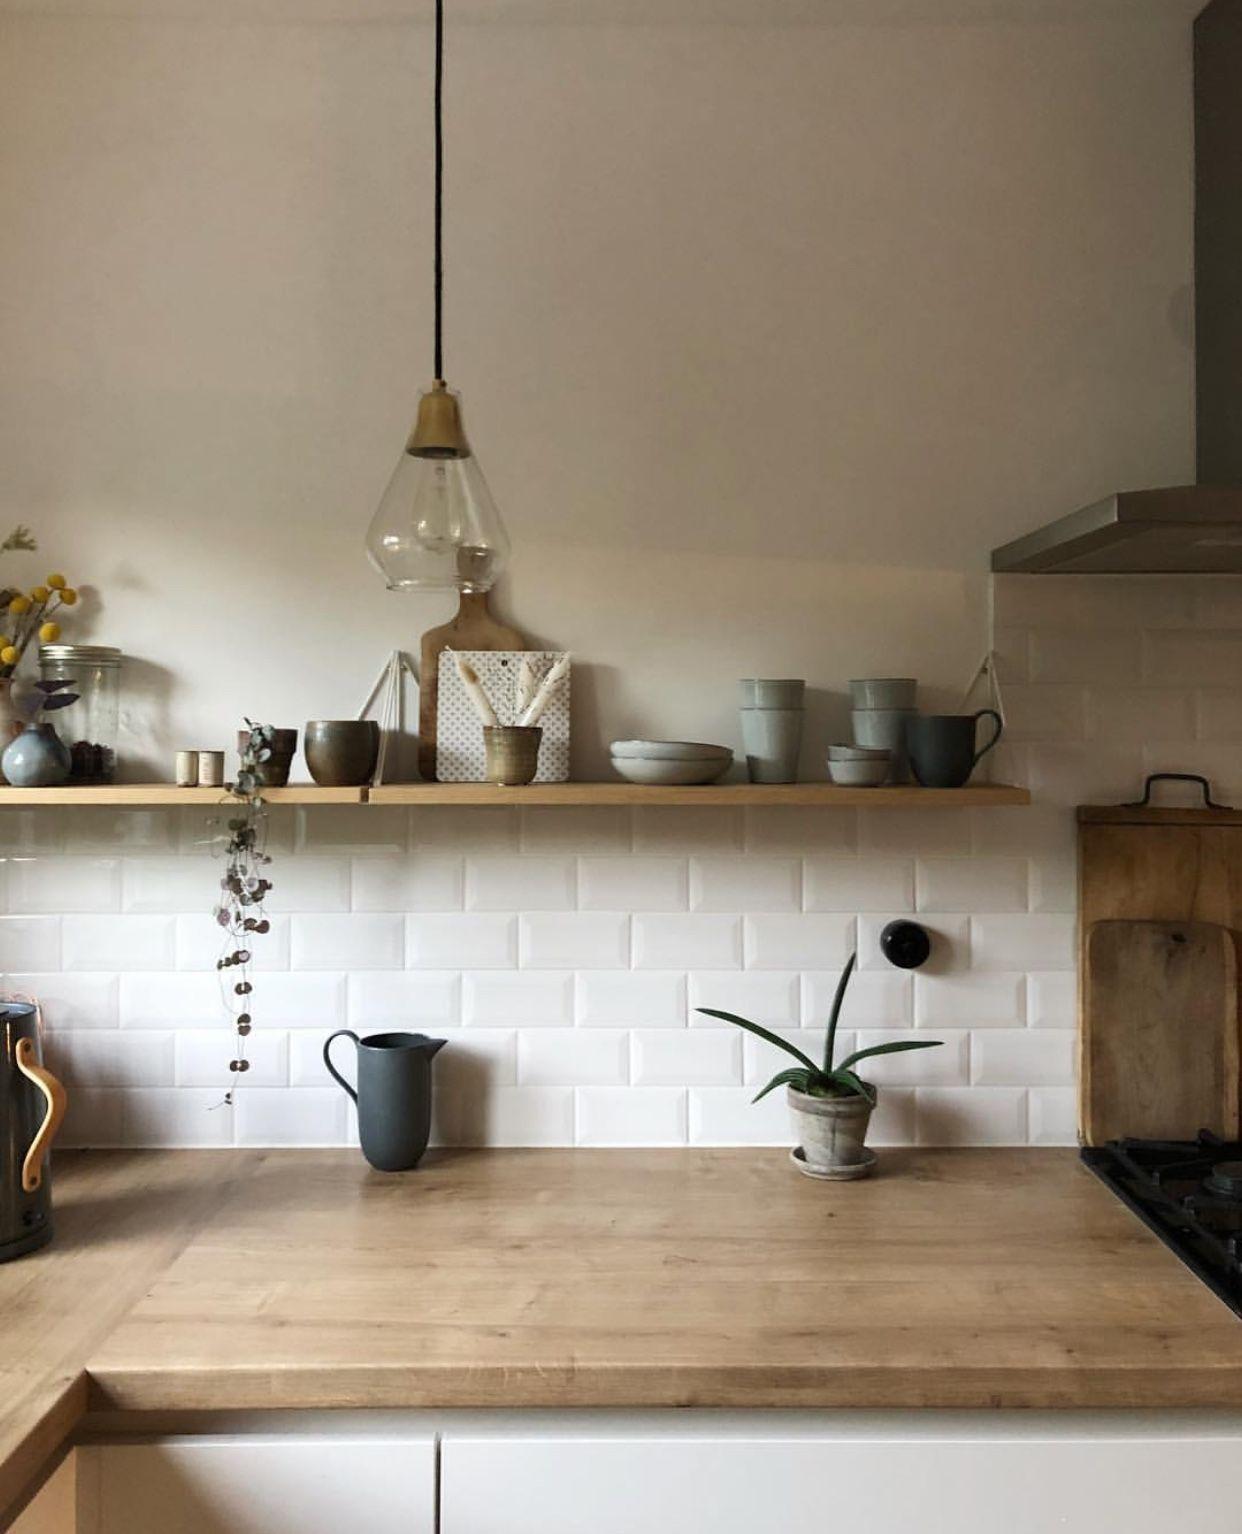 Épinglé par Sofie sur Wohnung   Cuisine moderne, Cuisine d ...